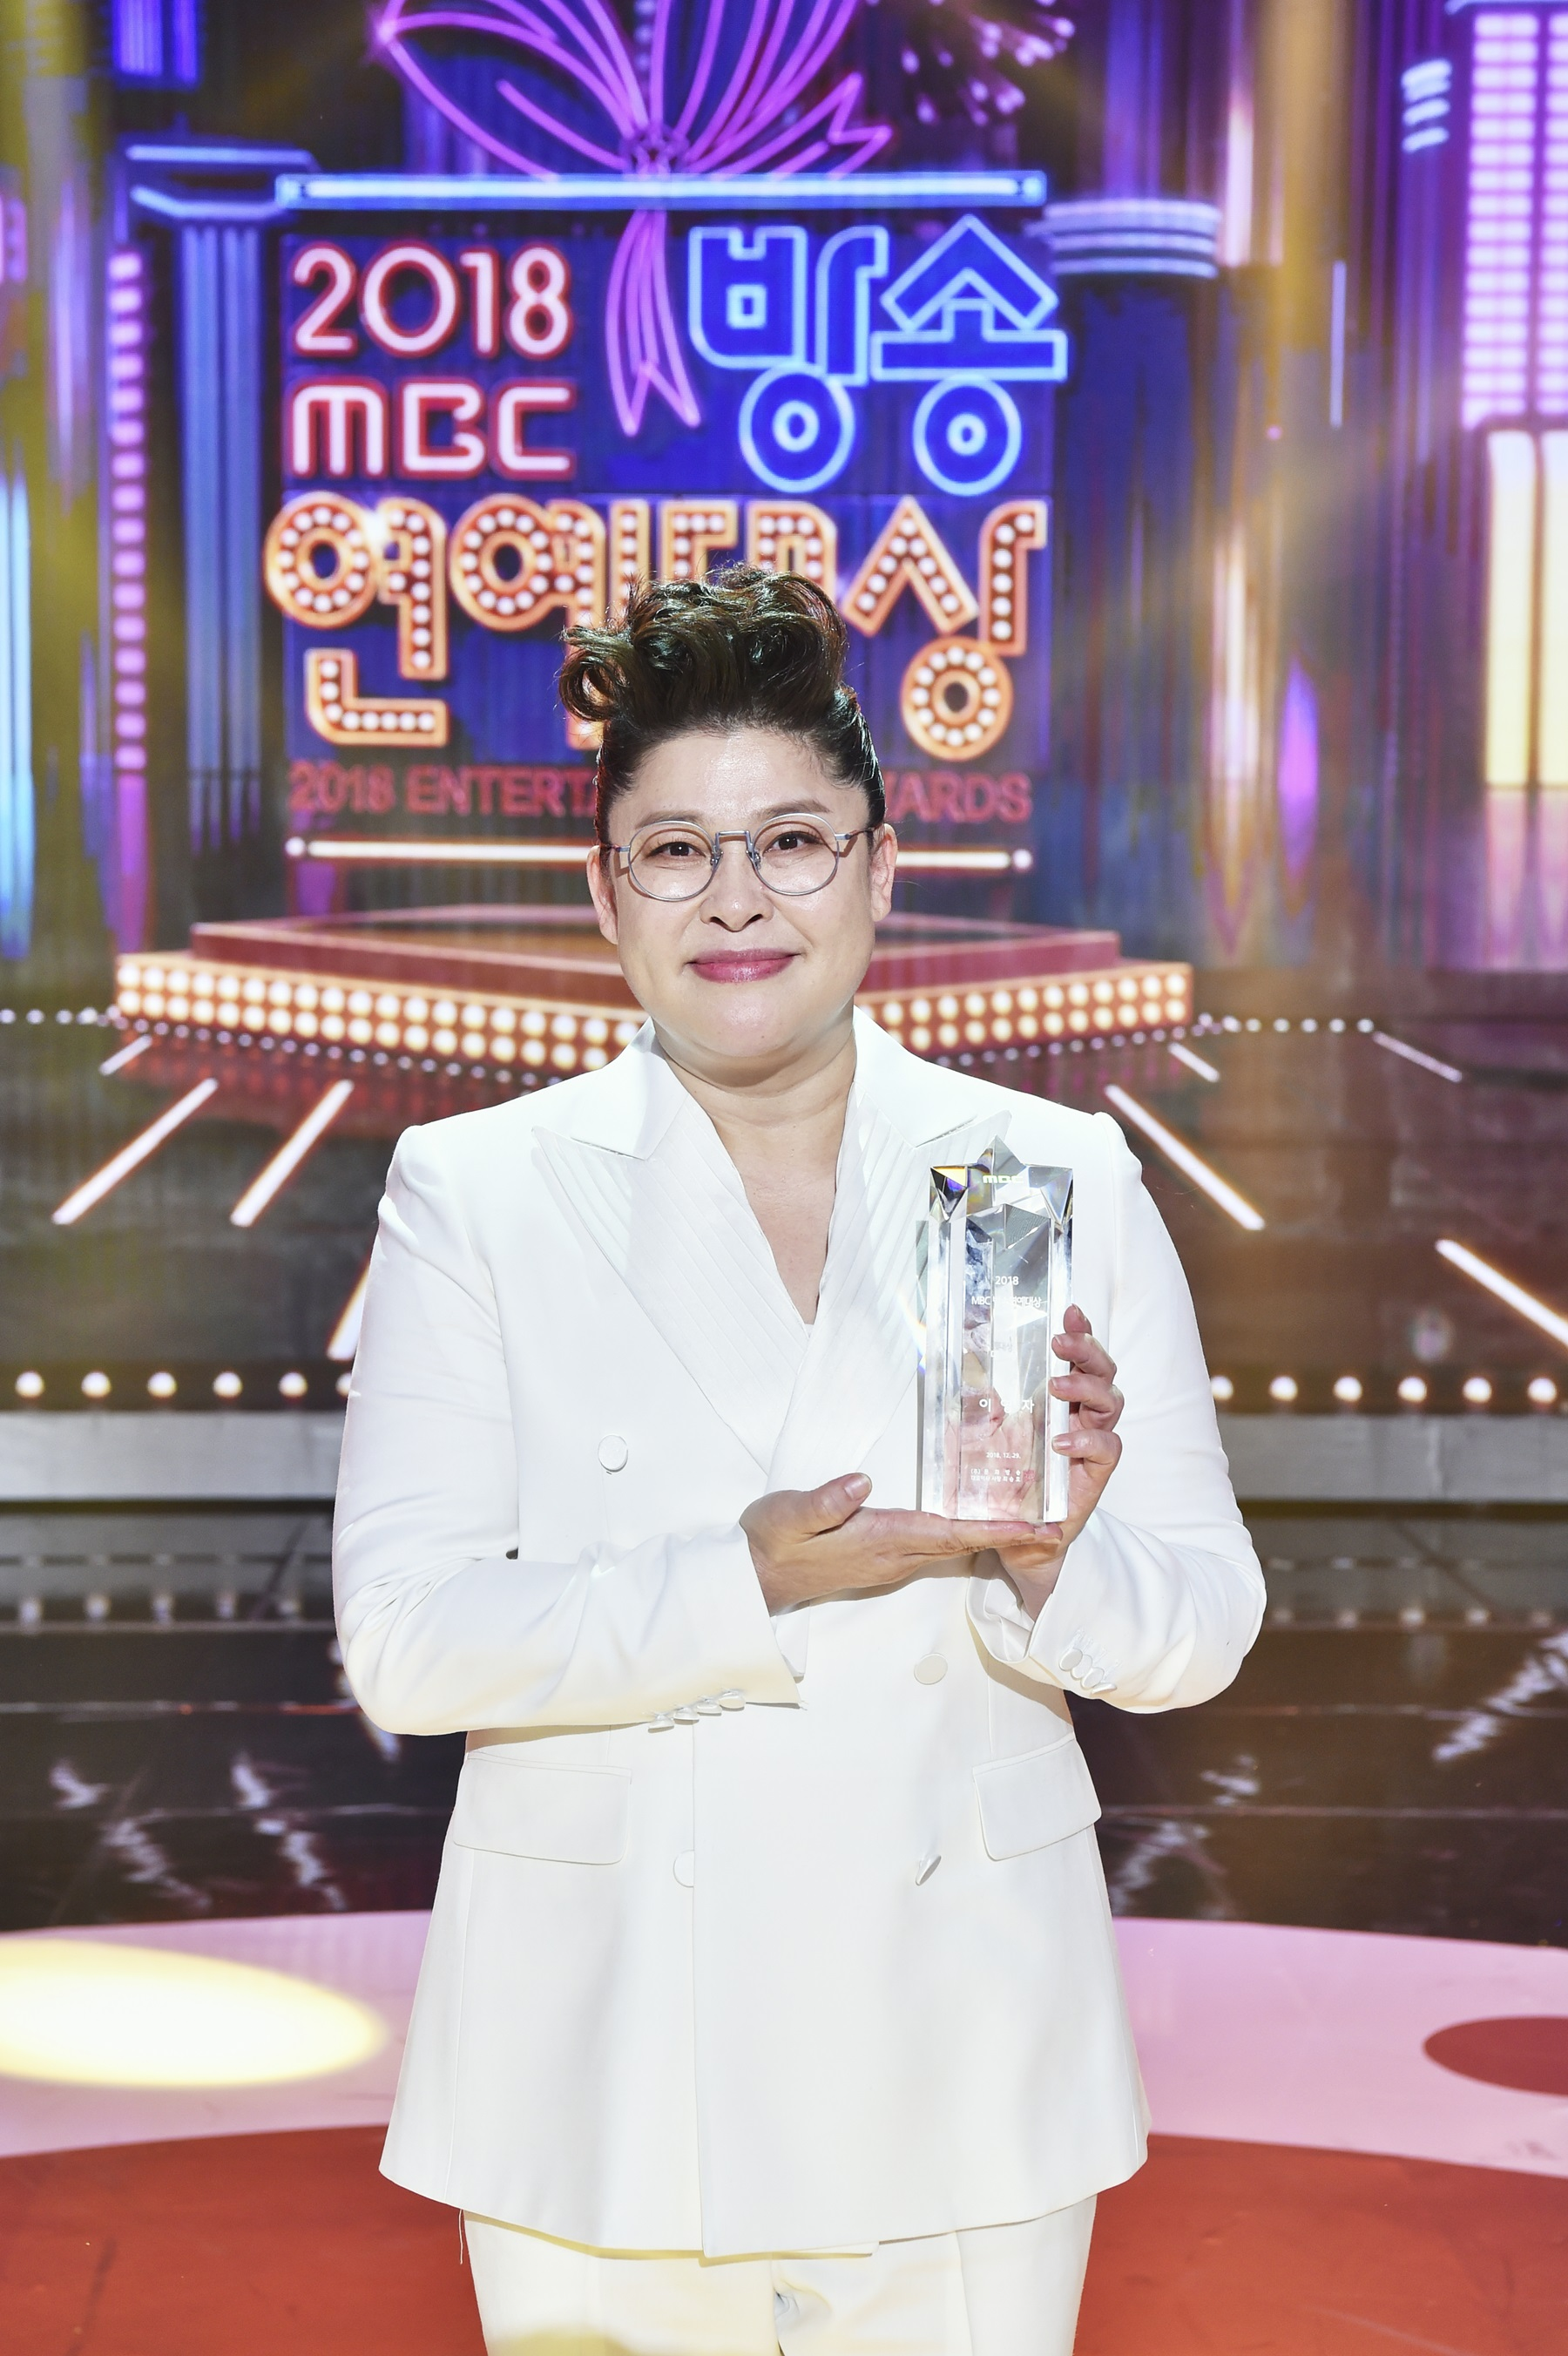 이영자, 1월 예능 방송인 브랜드평판 1위! #대상 #매니저 #전성기